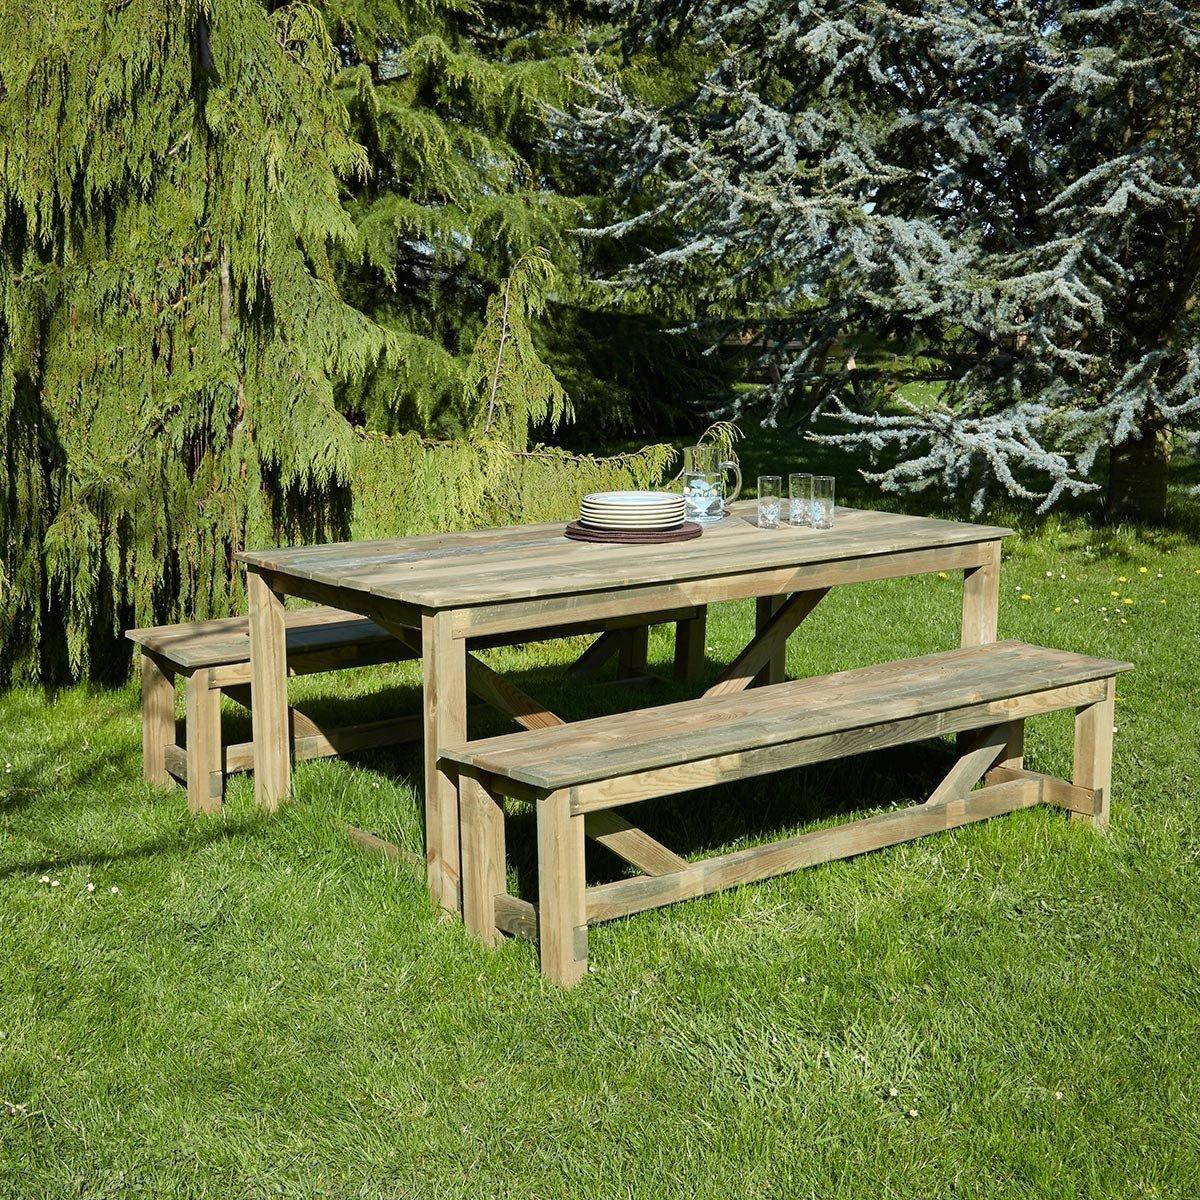 Salon De Jardin En Bois Normand 6 Places - Achat/vente De ... destiné Salon De Jardin En Bois Pas Cher